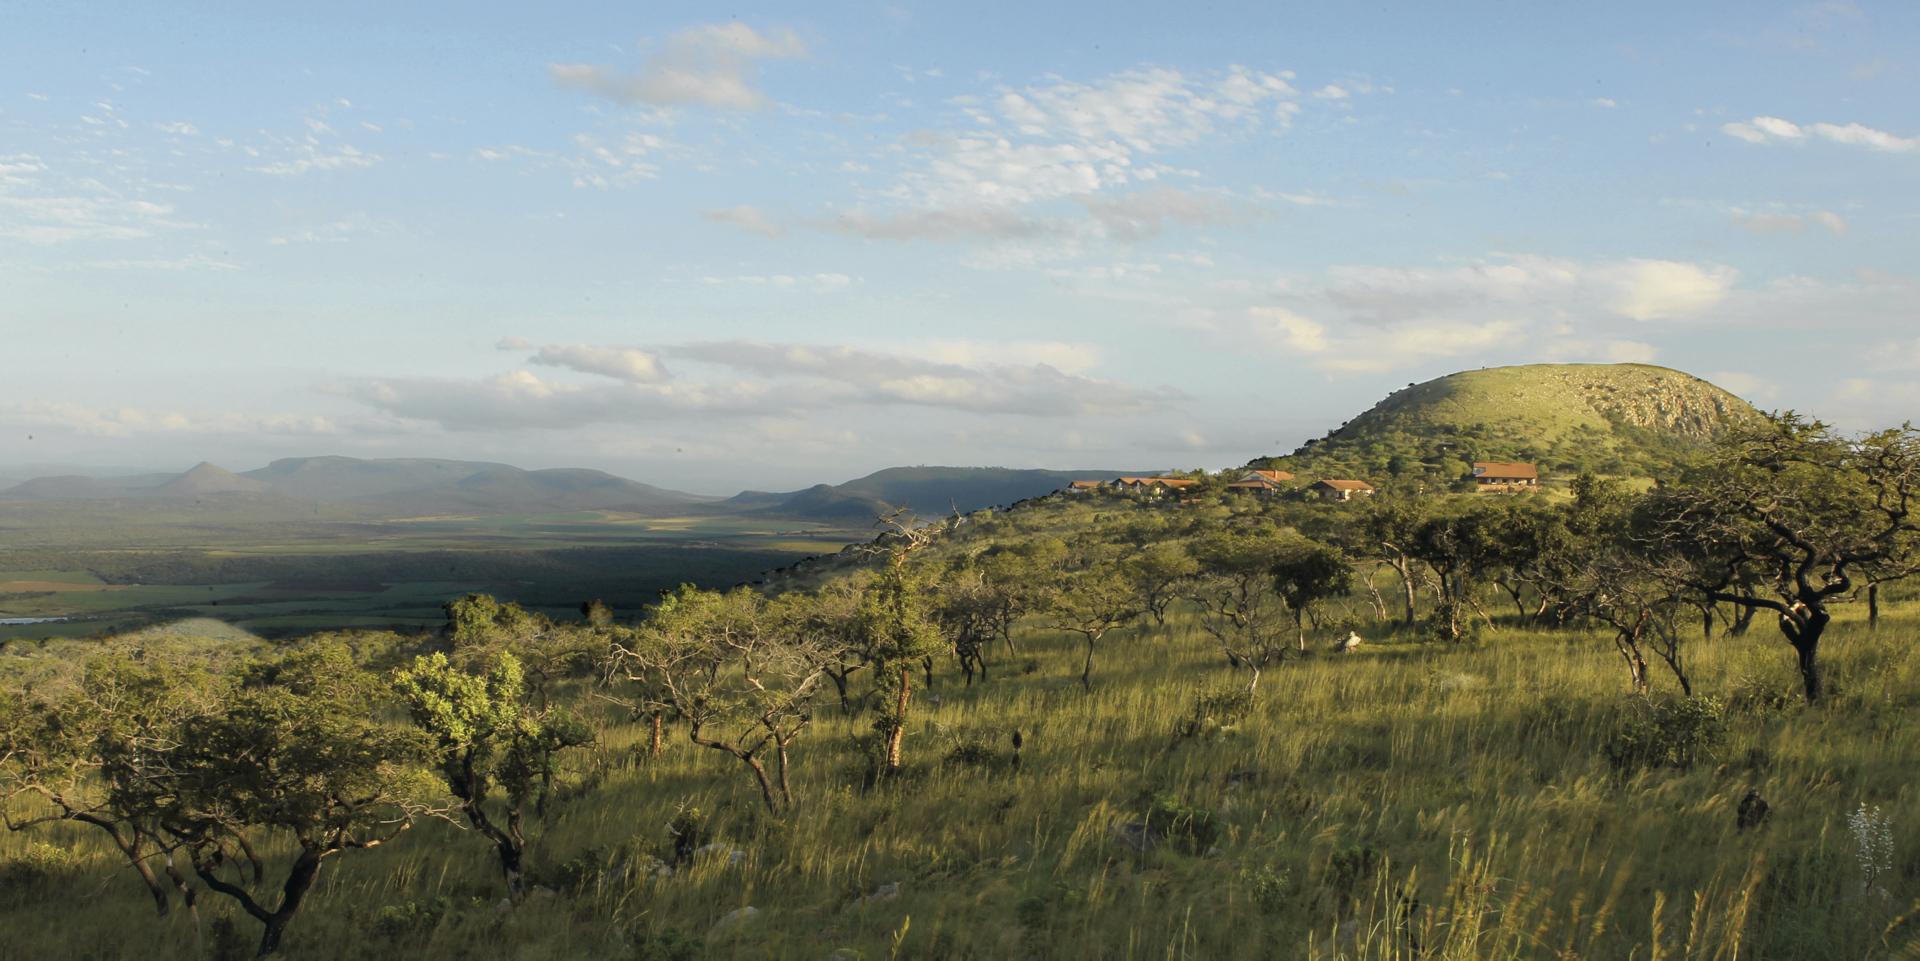 Sanfte Hügel im Zululand